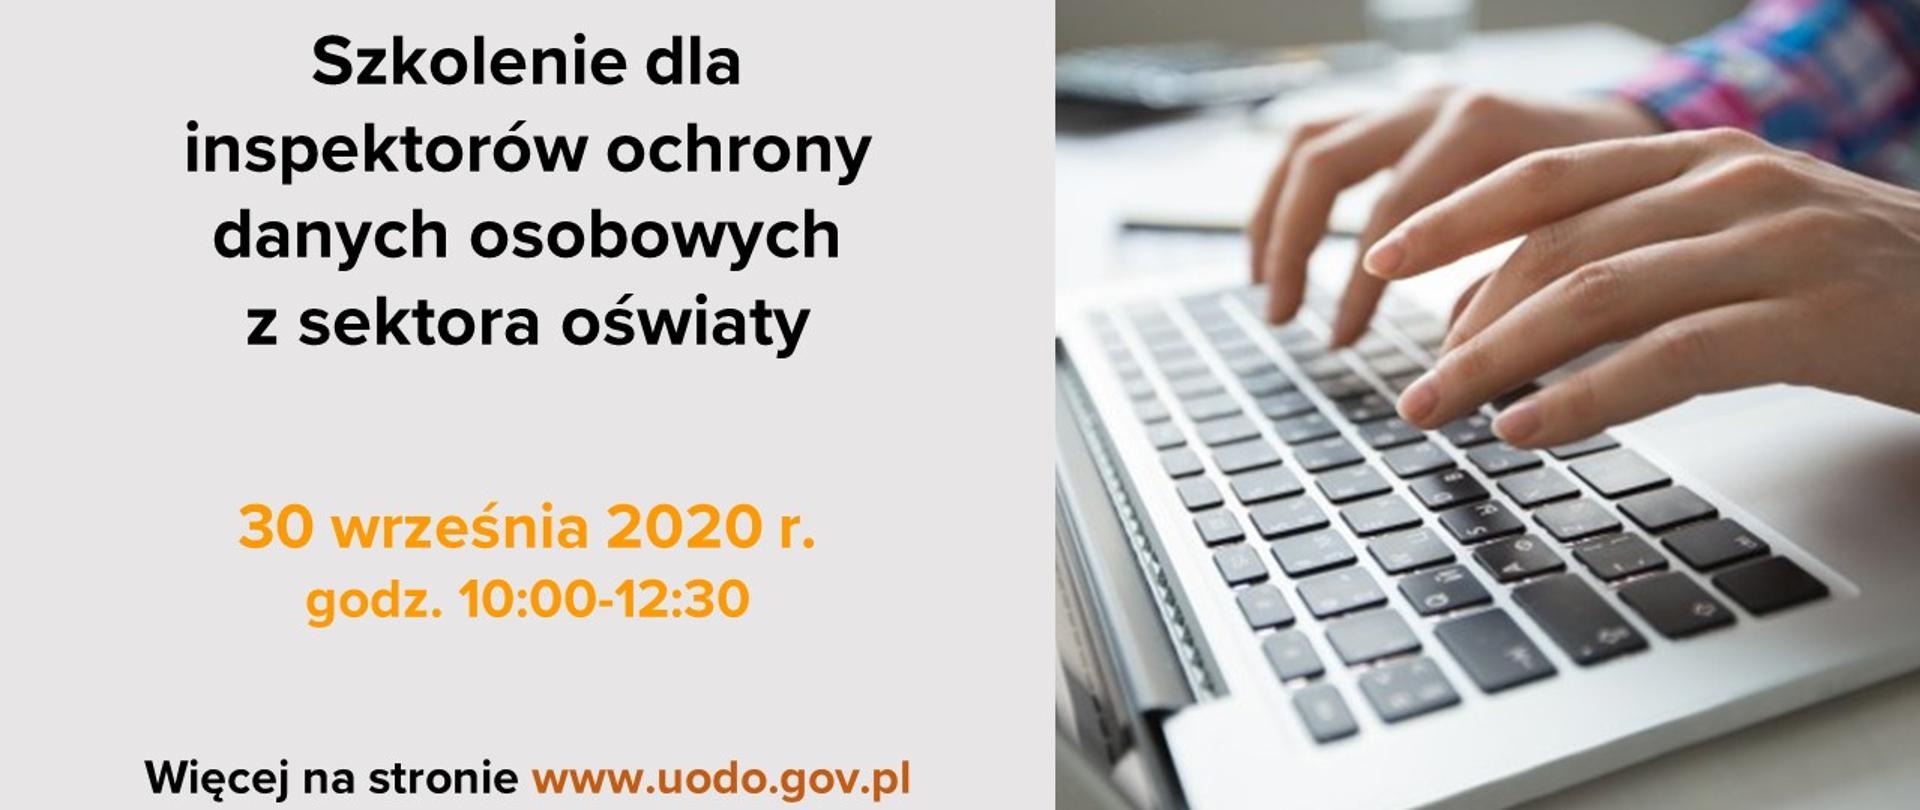 Bezpłatne szkolenie online dla inspektorów ochrony danych z sektora oświaty